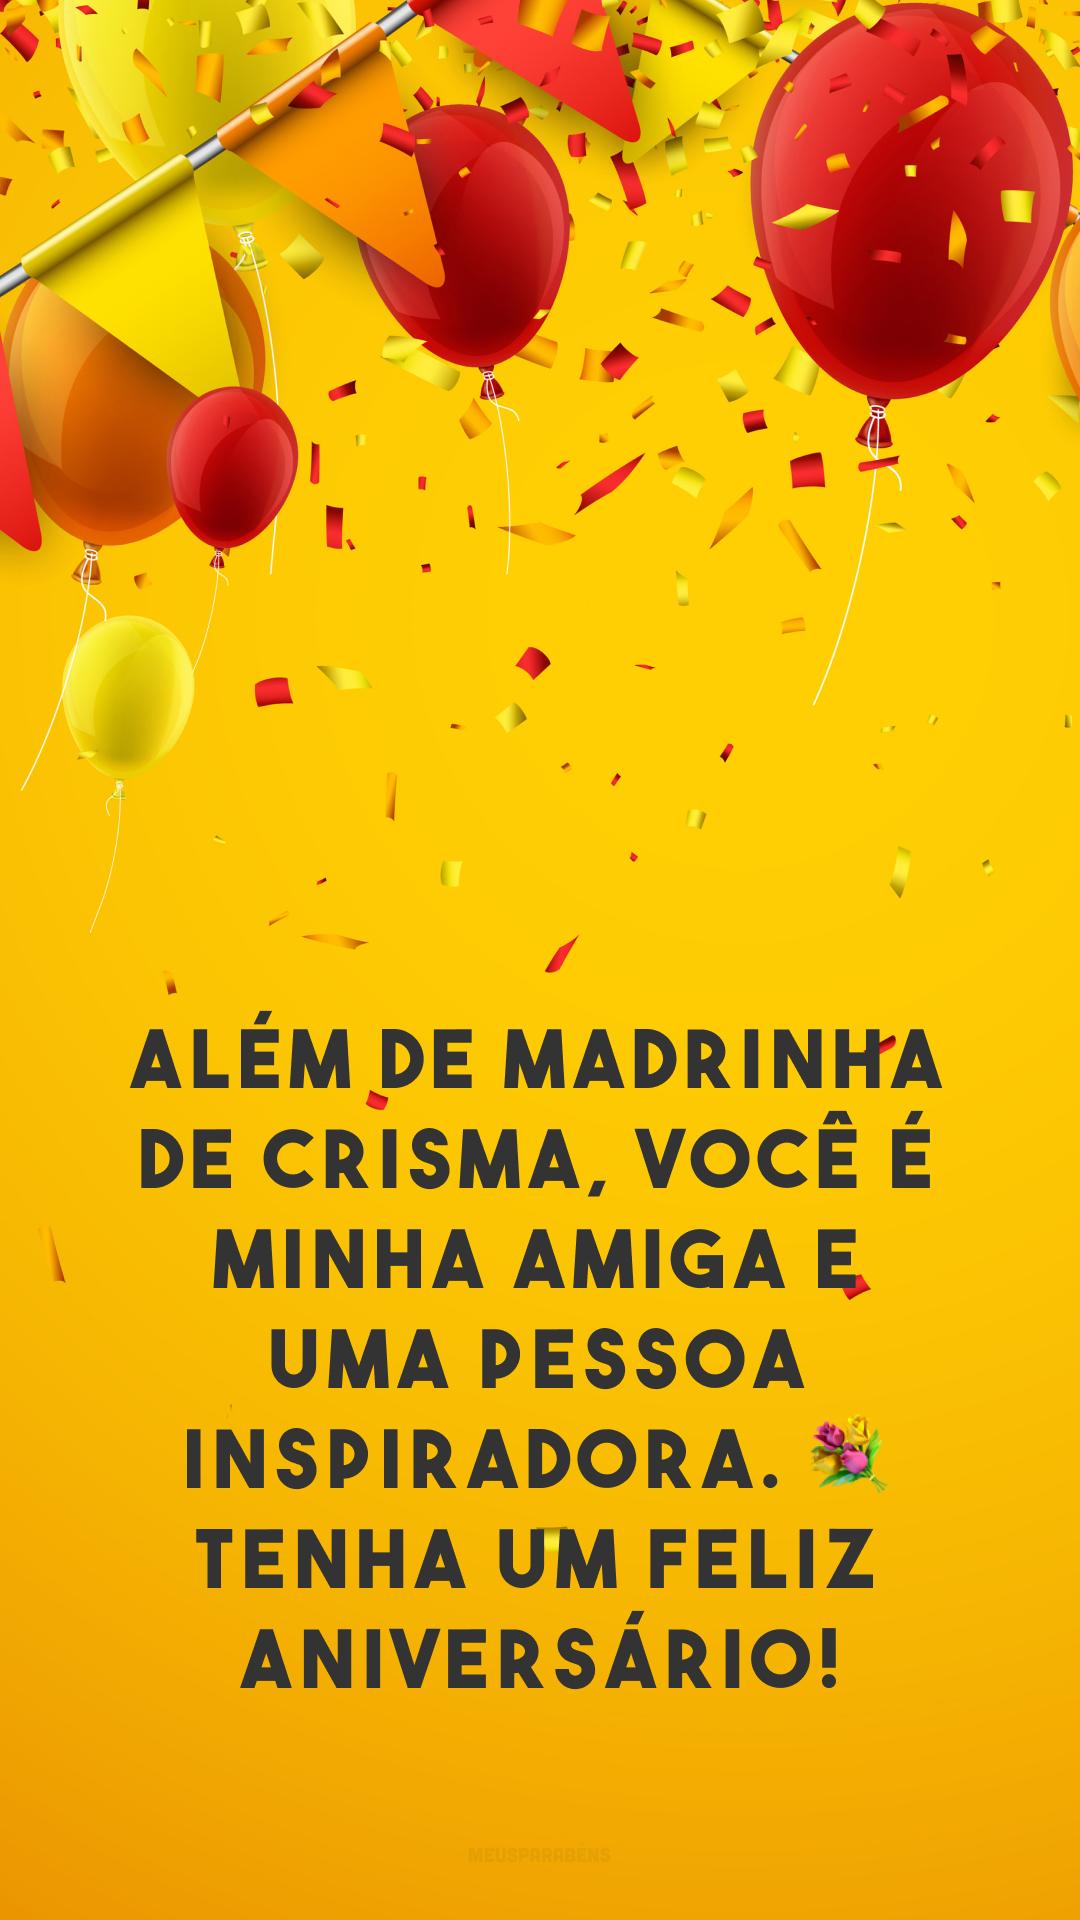 Além de madrinha de crisma, você é minha amiga e uma pessoa inspiradora. 💐 Tenha um feliz aniversário!